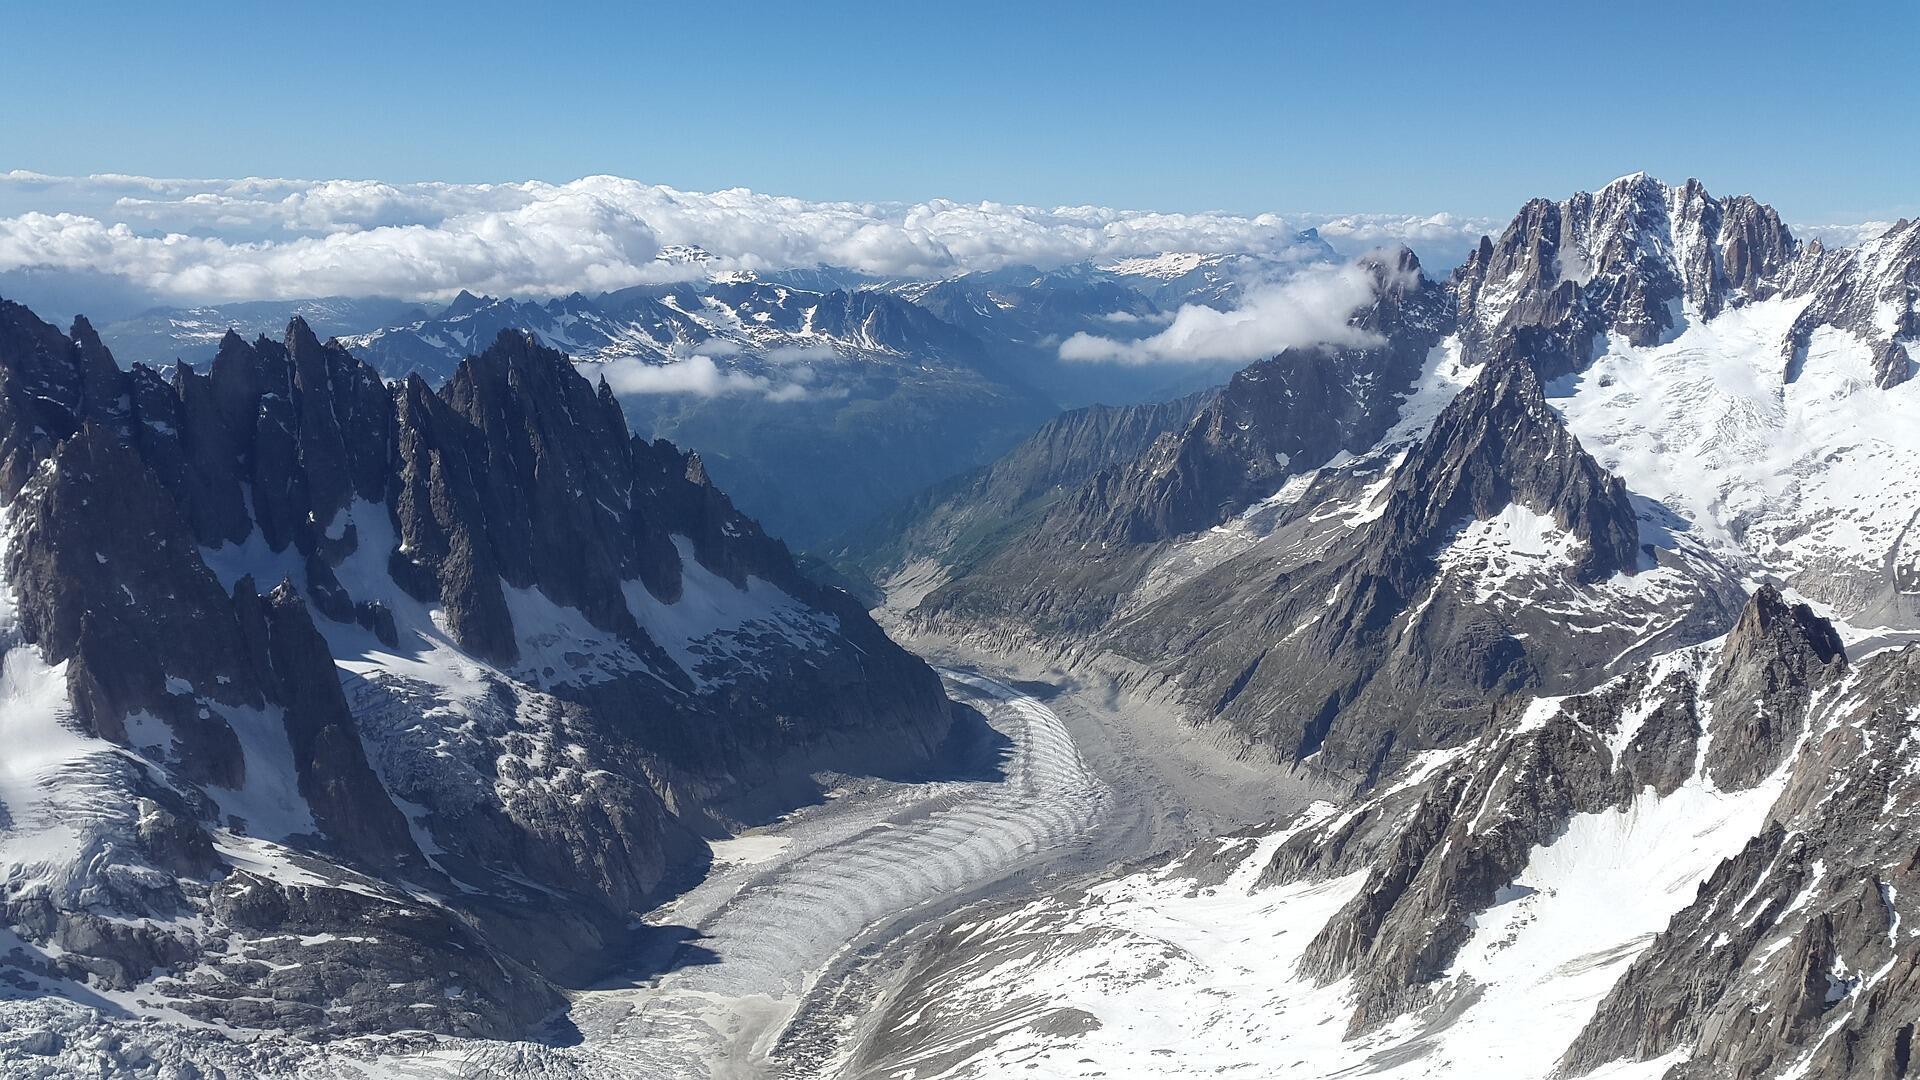 Ледник Мер-де-Гляс (массив Монблана), самый большой в Европе, может полностью исчезнуть к концу XXI века.